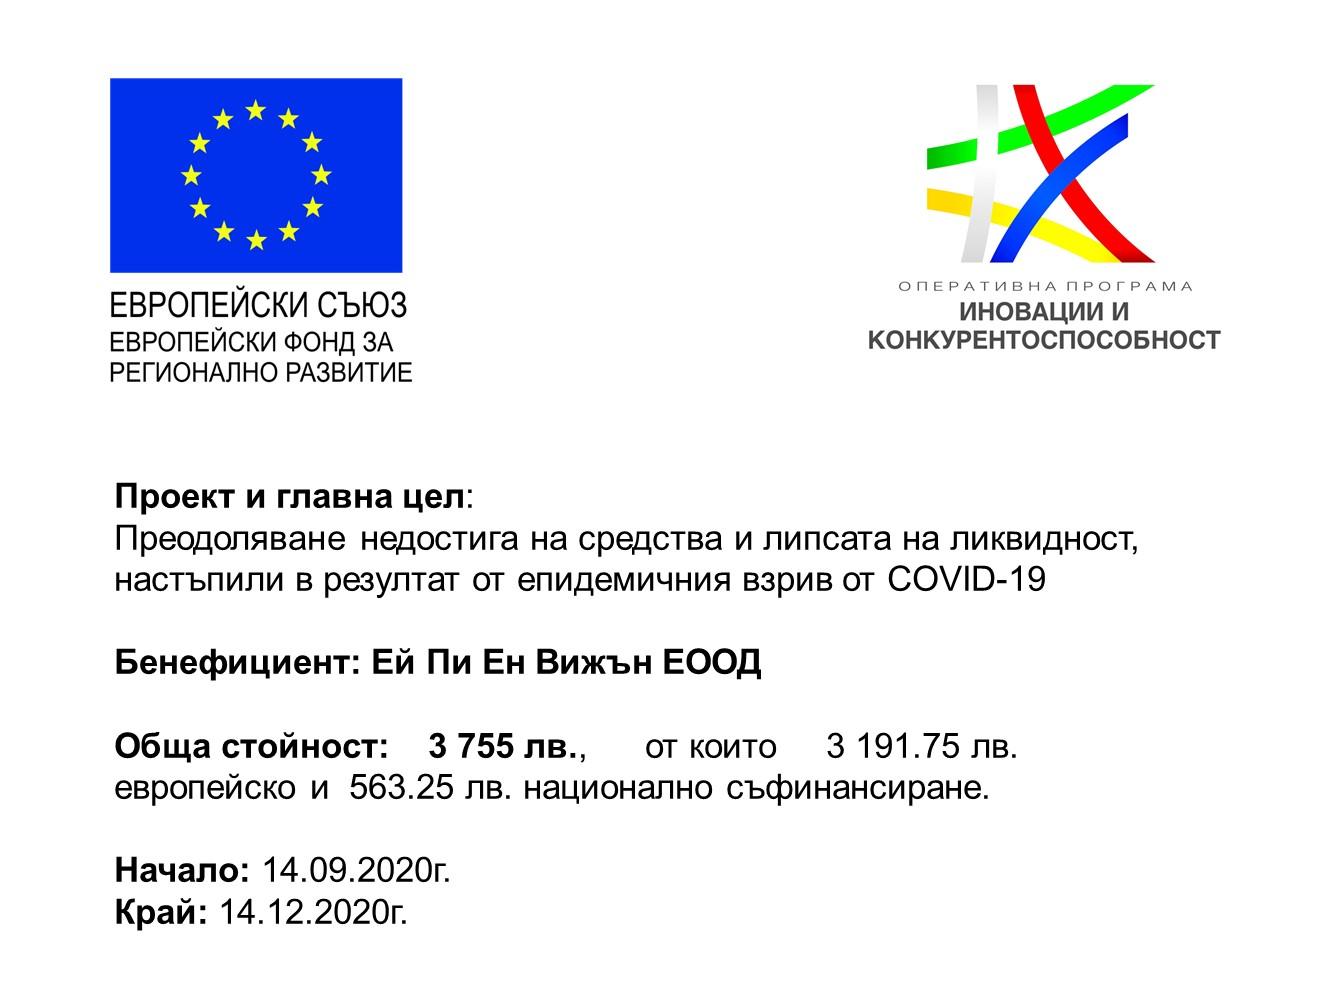 Финансиране по европейски проект.